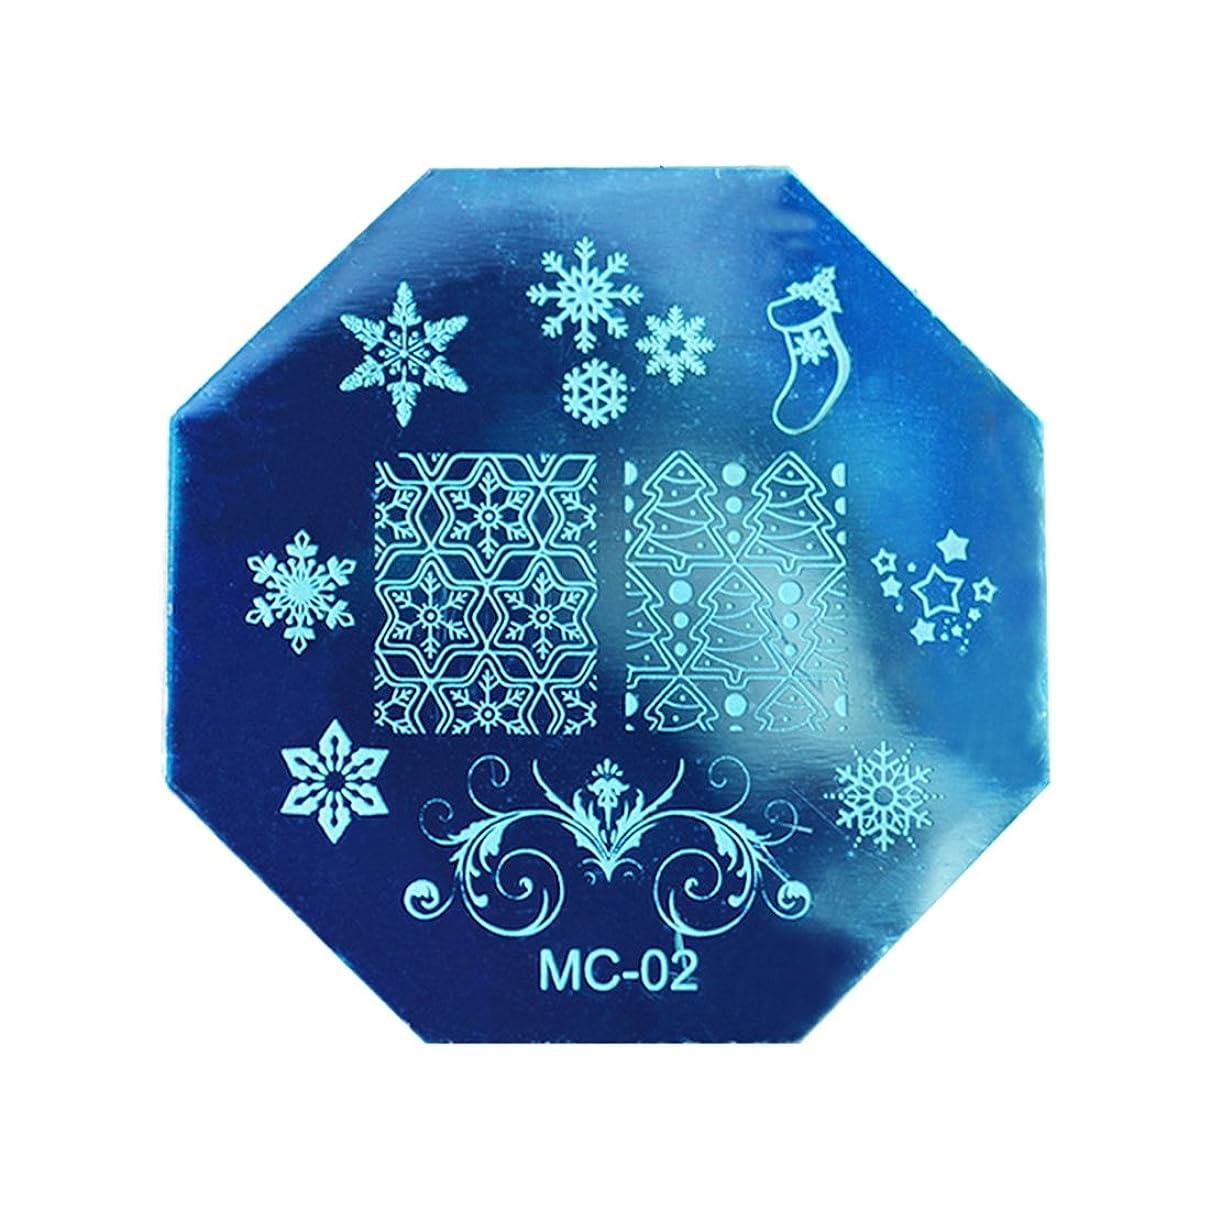 アルネ脱走かけがえのないRETYLY クリスマスDIYイメージスタンピングプレートマニキュアモデル ネイルアートプレート(MC-02)